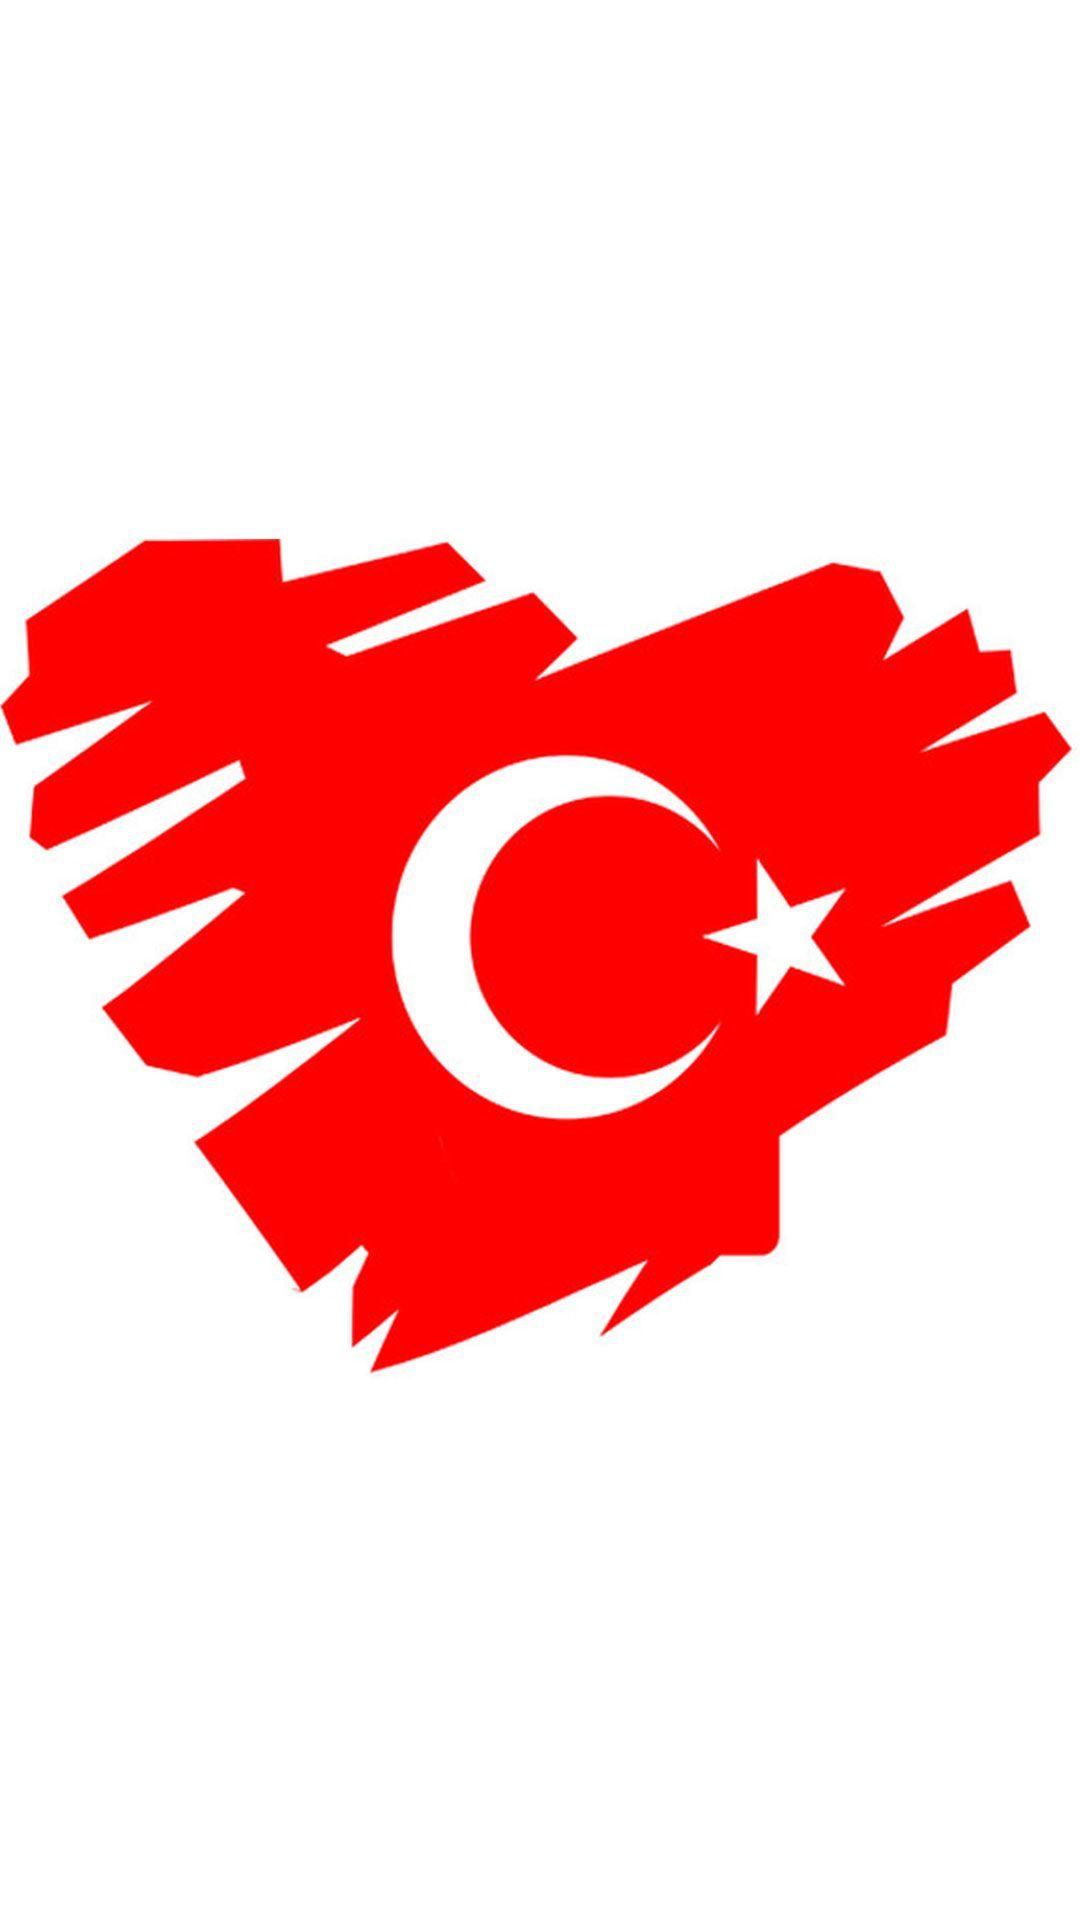 Kalpli Türk Bayrağı Resimleri Türk Bayrağı Resimleri